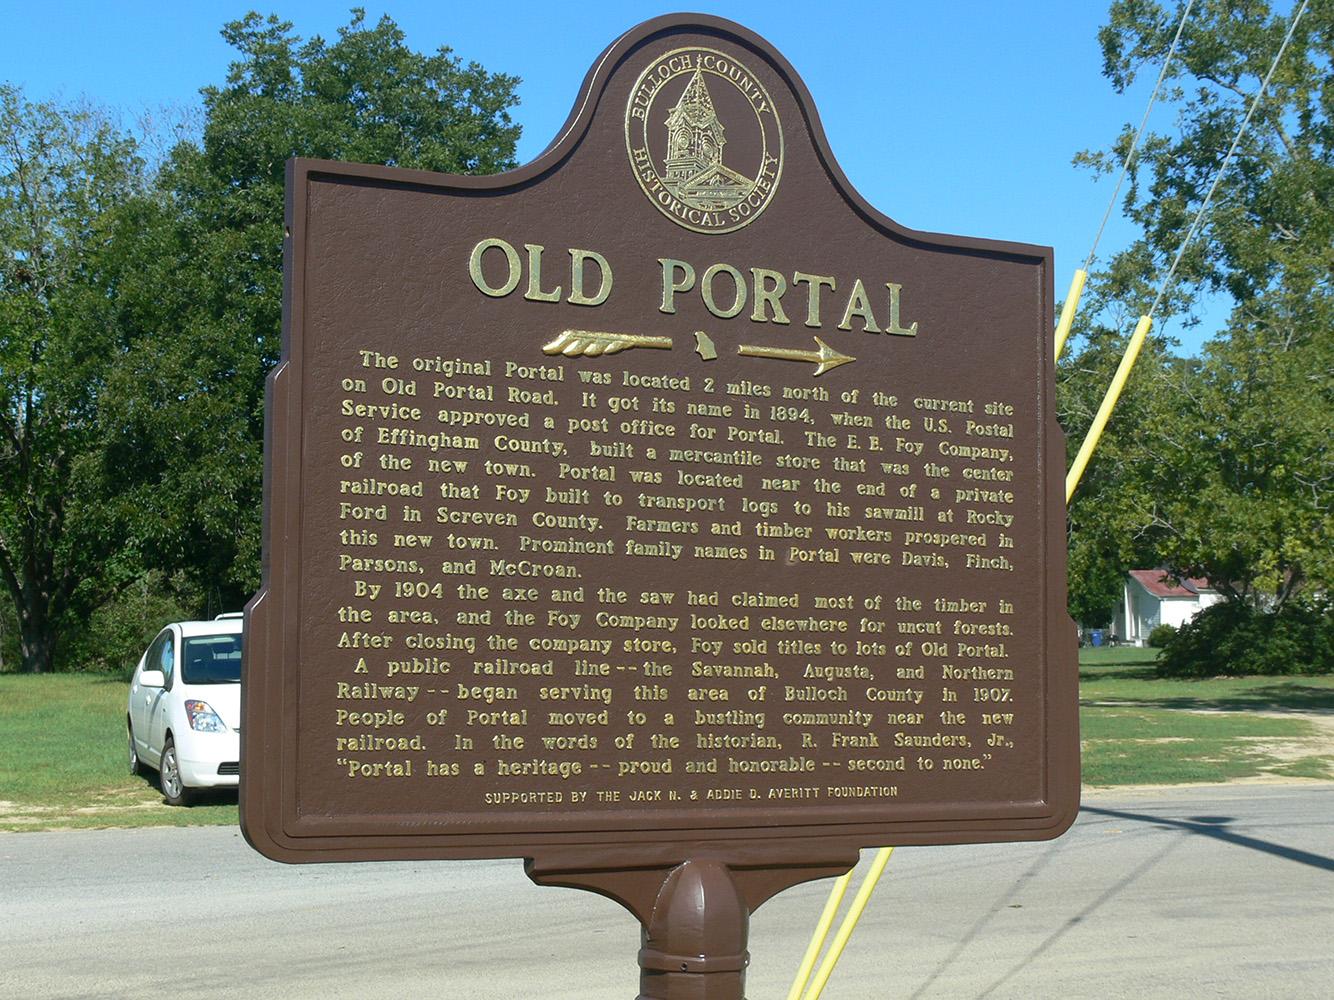 Old Portal, Marker Dedication